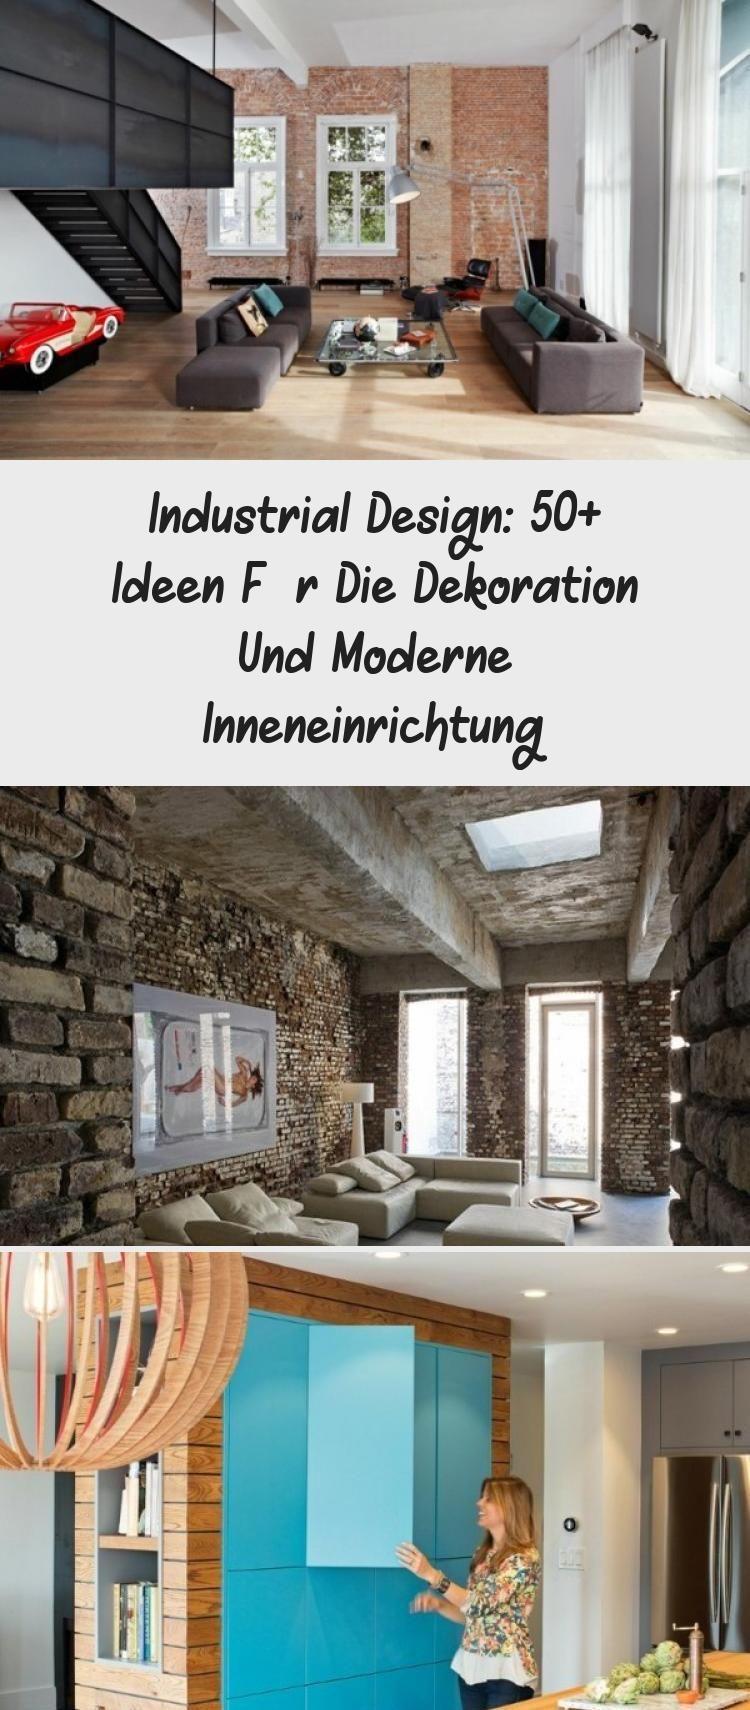 Industrial Design 50 Ideen Fur Die Dekoration Und Moderne Inneneinrichtung Skulpturen Restaurant Interior Industriedesign Wohnzimmer Loft Designmobel In 2020